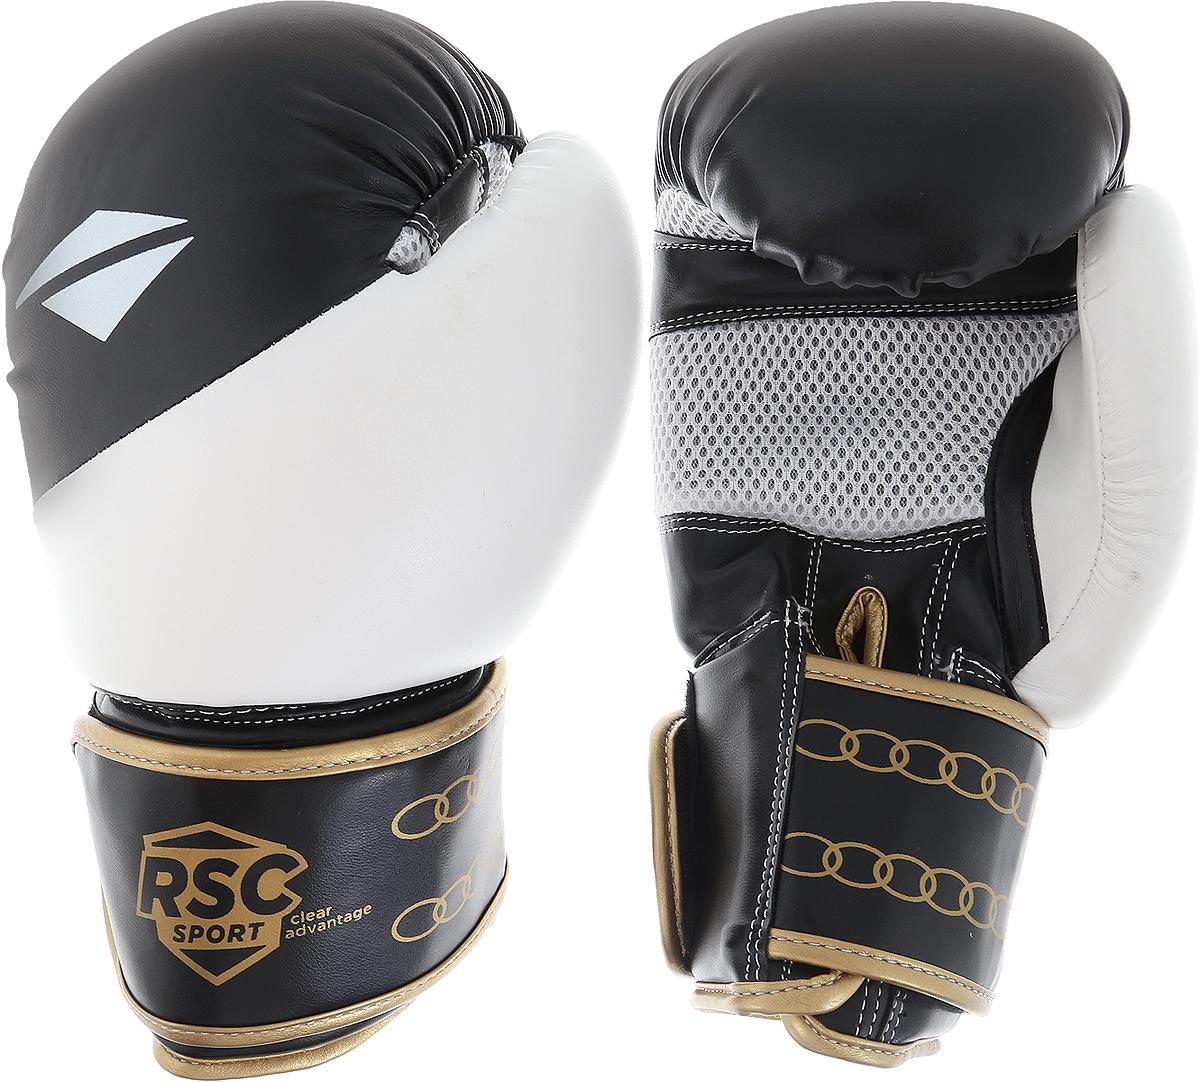 Перчатки боксерские RSC PU BF BX 012, 00026561, белый, черный, вес 8 унций шлем боксерский rsc pu bf bx 208 00026585 красный размер xl